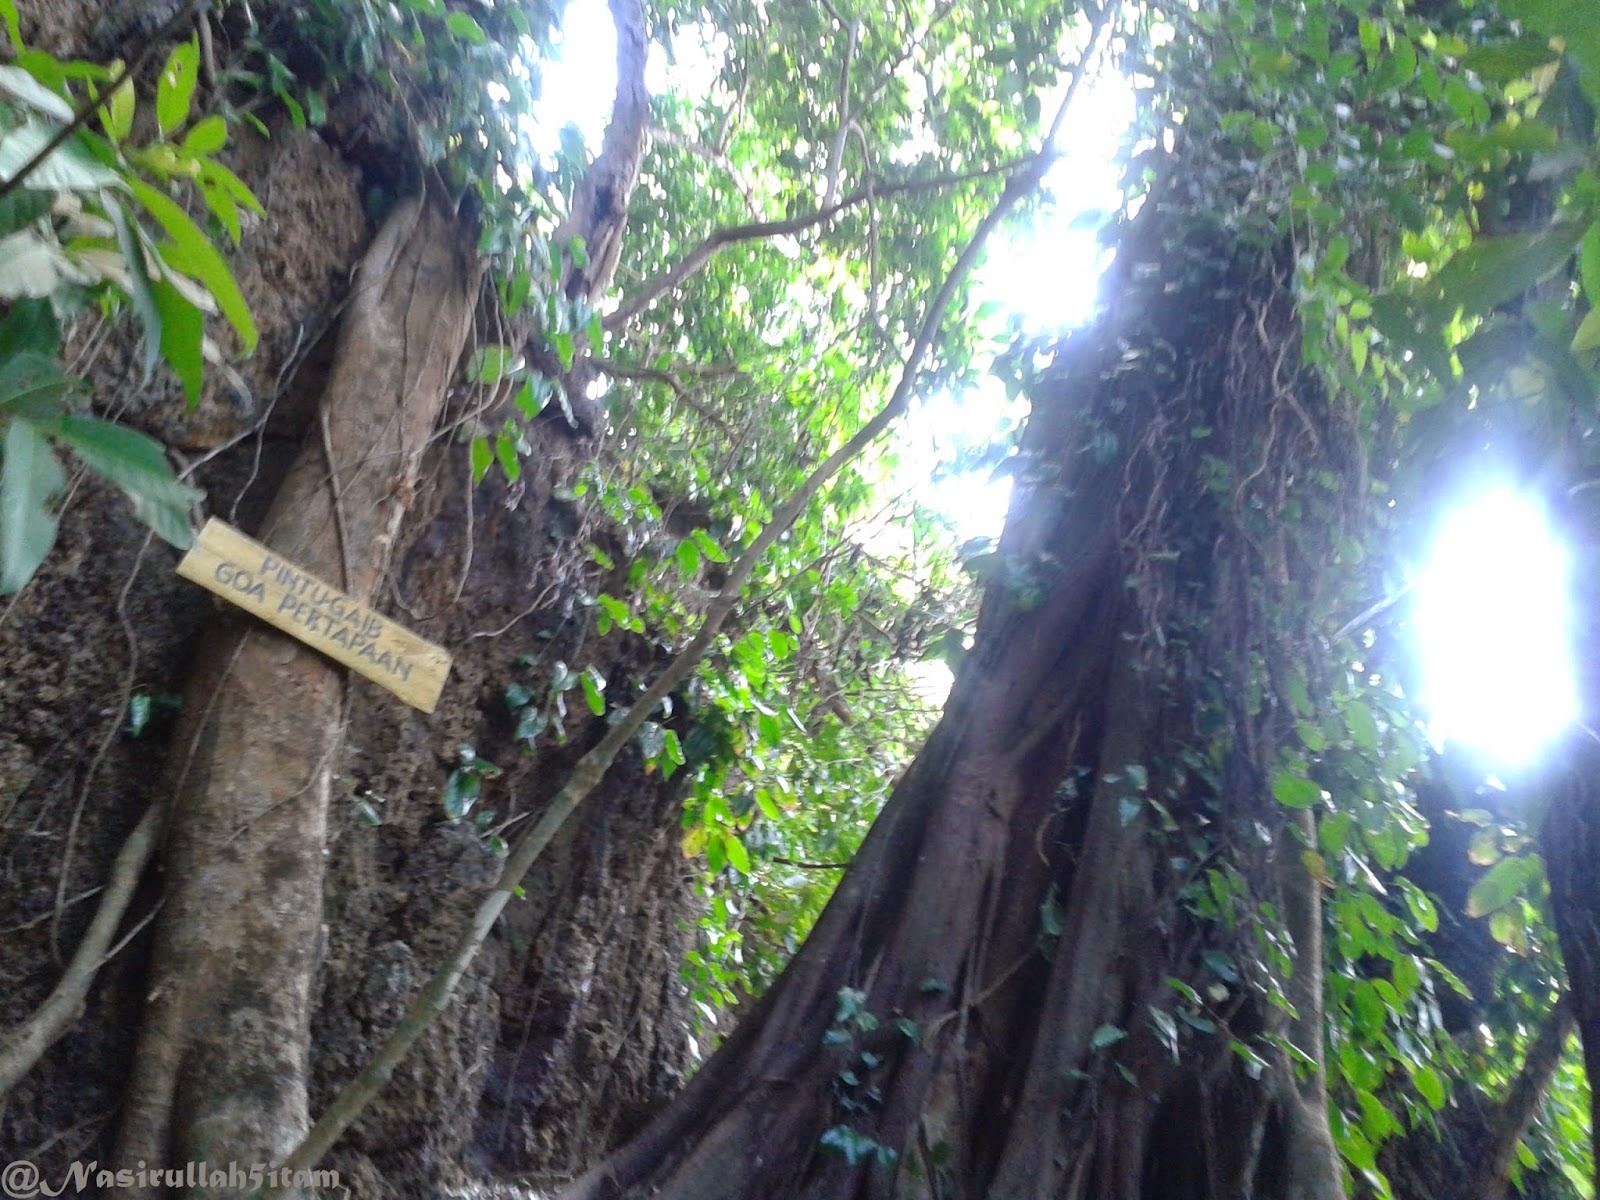 Tulisan Pintu Gaib Goa Pertapaan di Ujung Batulawang, Karimunjawa